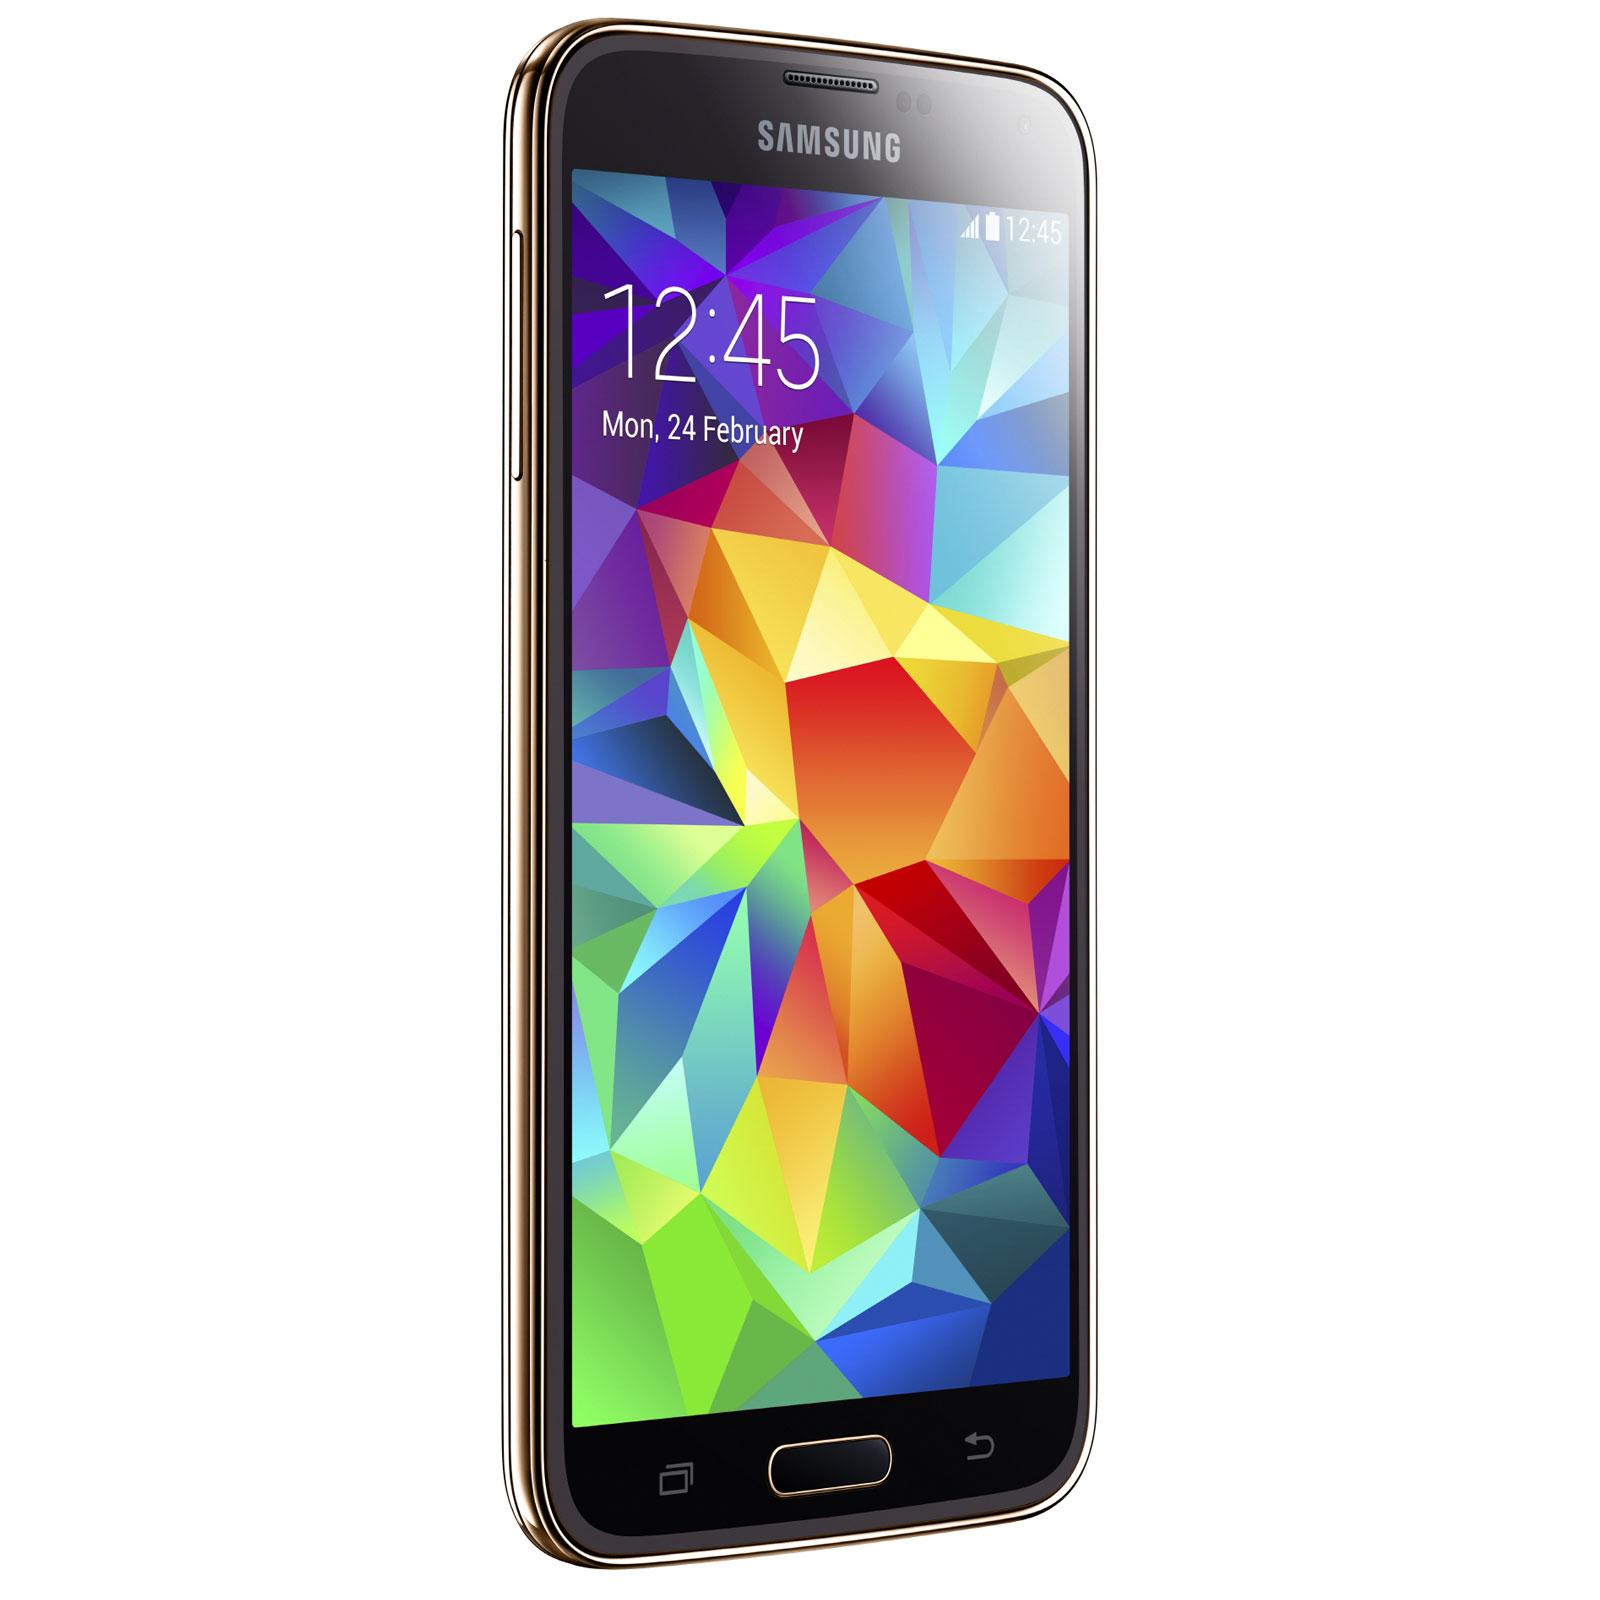 Samsung Galaxy S5 SM-G900 Or 16 Go - Mobile   smartphone Samsung sur ... 85ead3073ca2